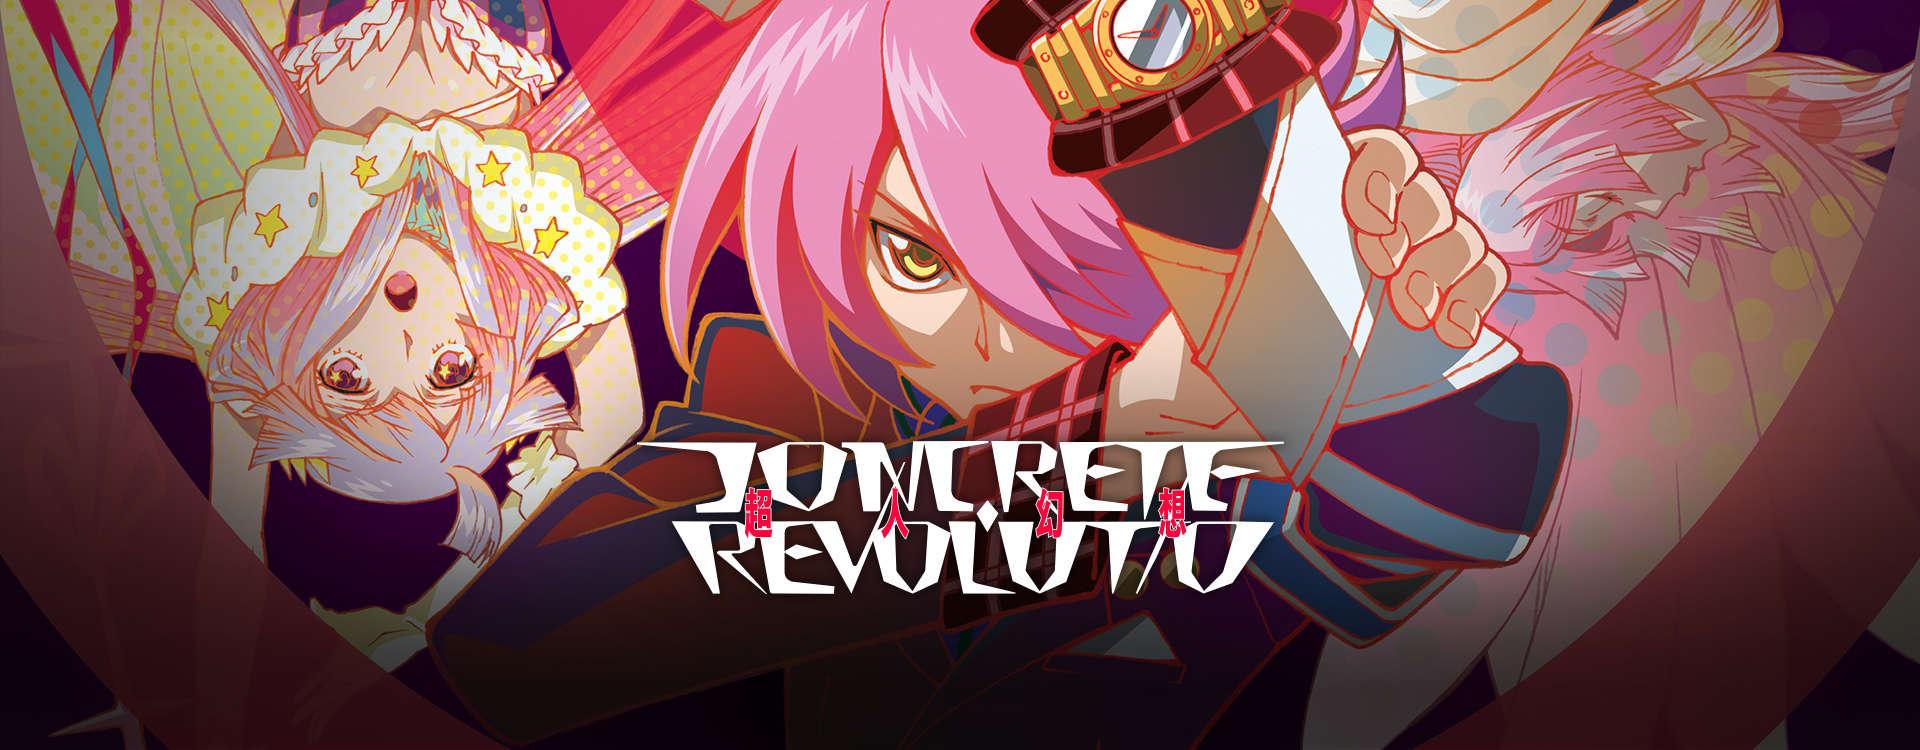 Concrete Revolutio #19